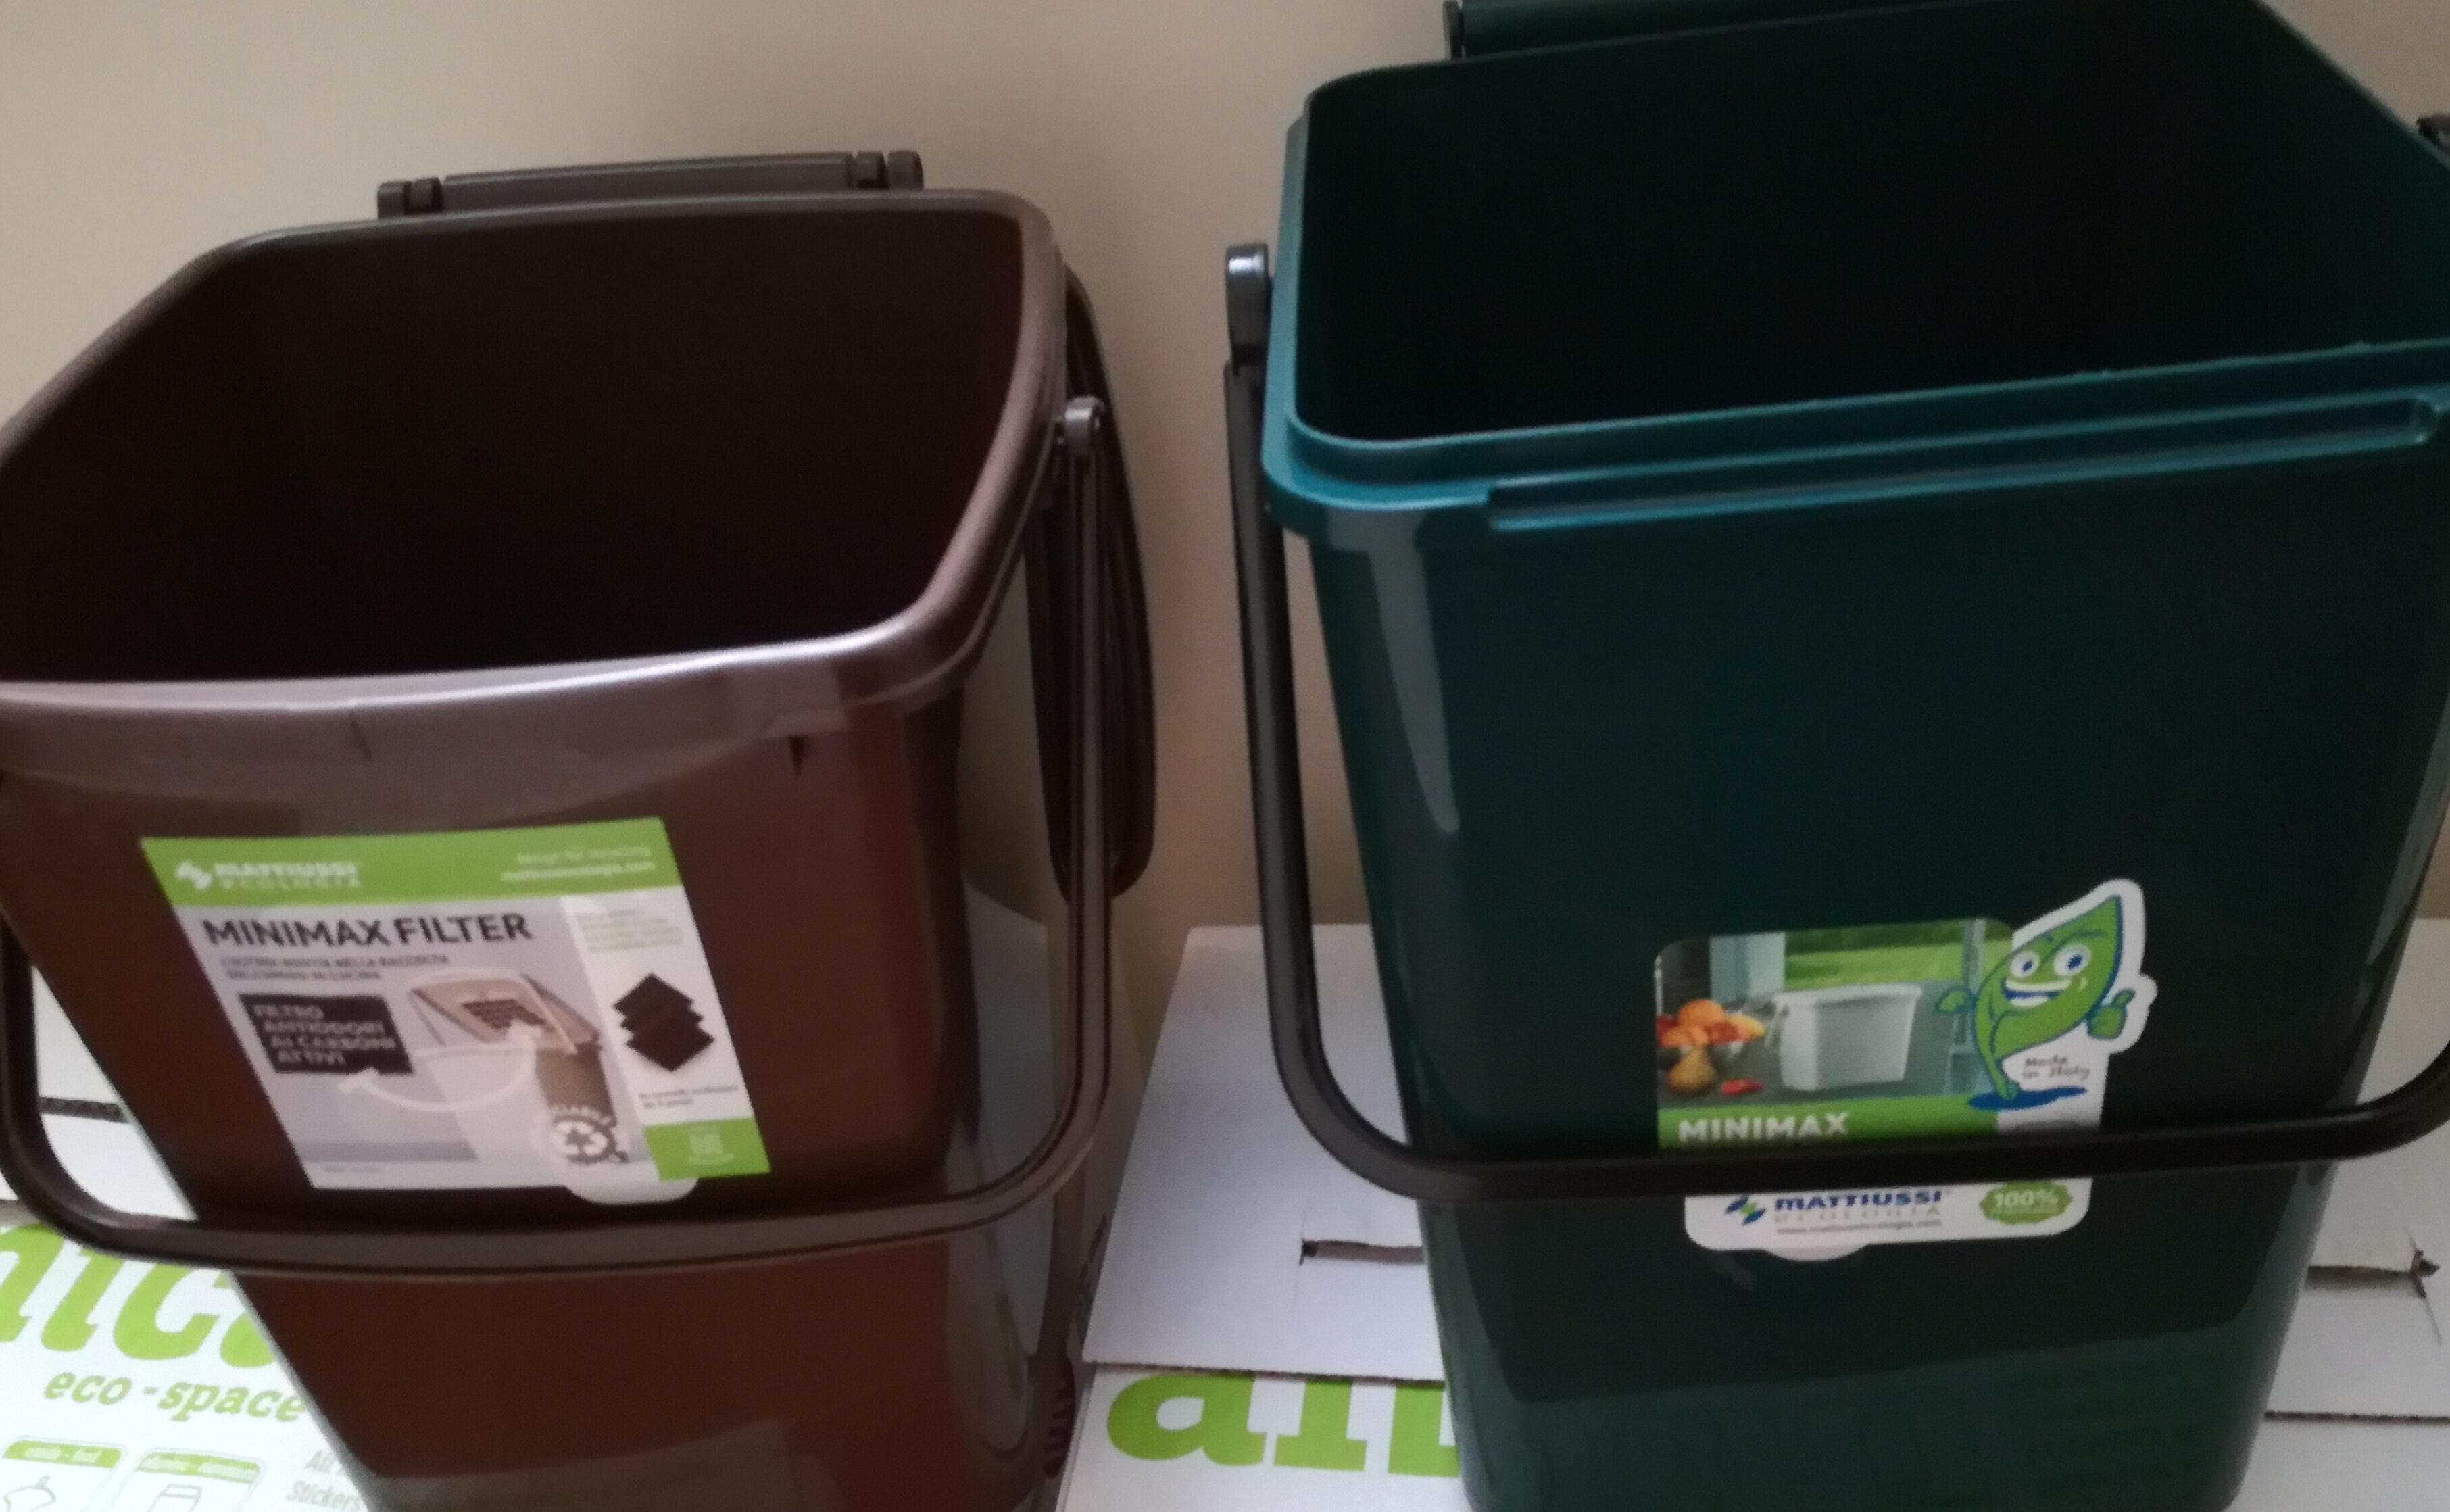 Raccolta Differenziata Bidoni Ikea idee per sopravvivere alla raccolta differenziata - pagina 3